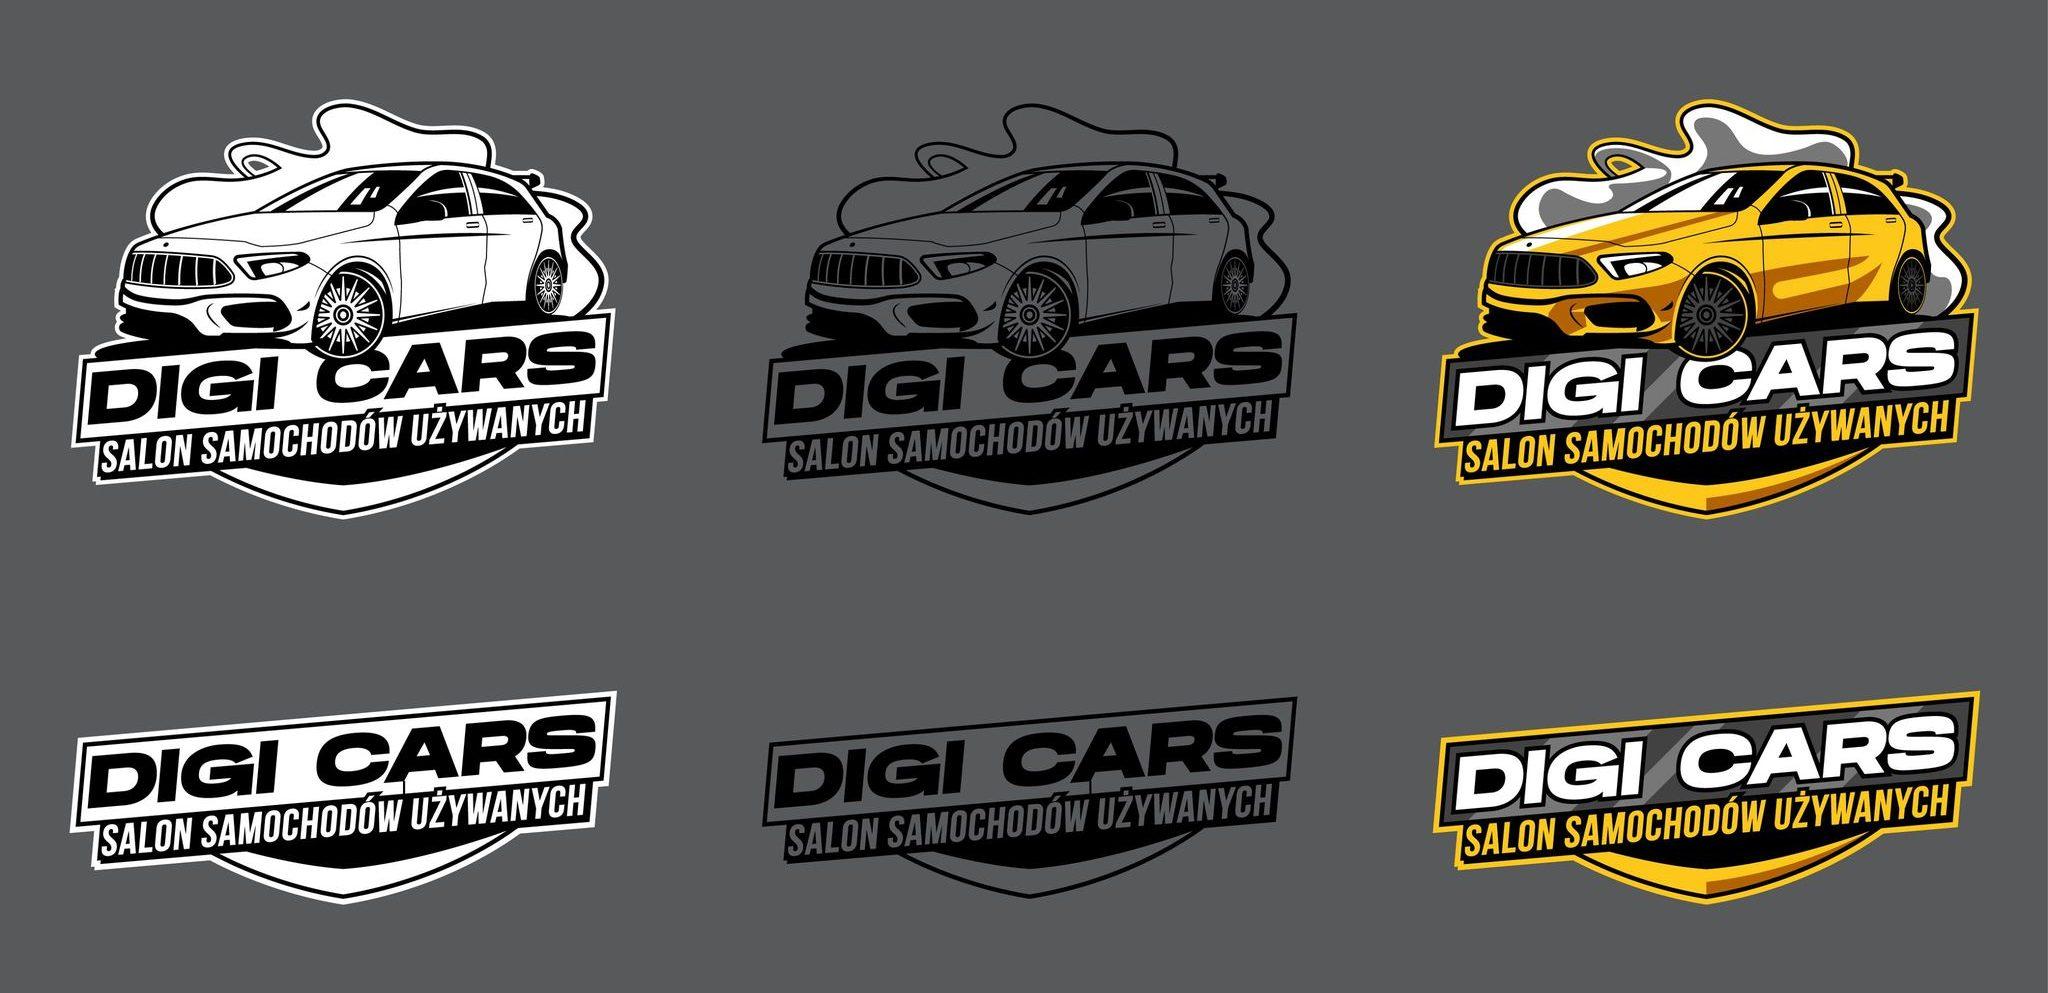 DigiCars Auto Komus Salon samochodów używanych motoryzacja case study agencja reklamowa mercedes a45s